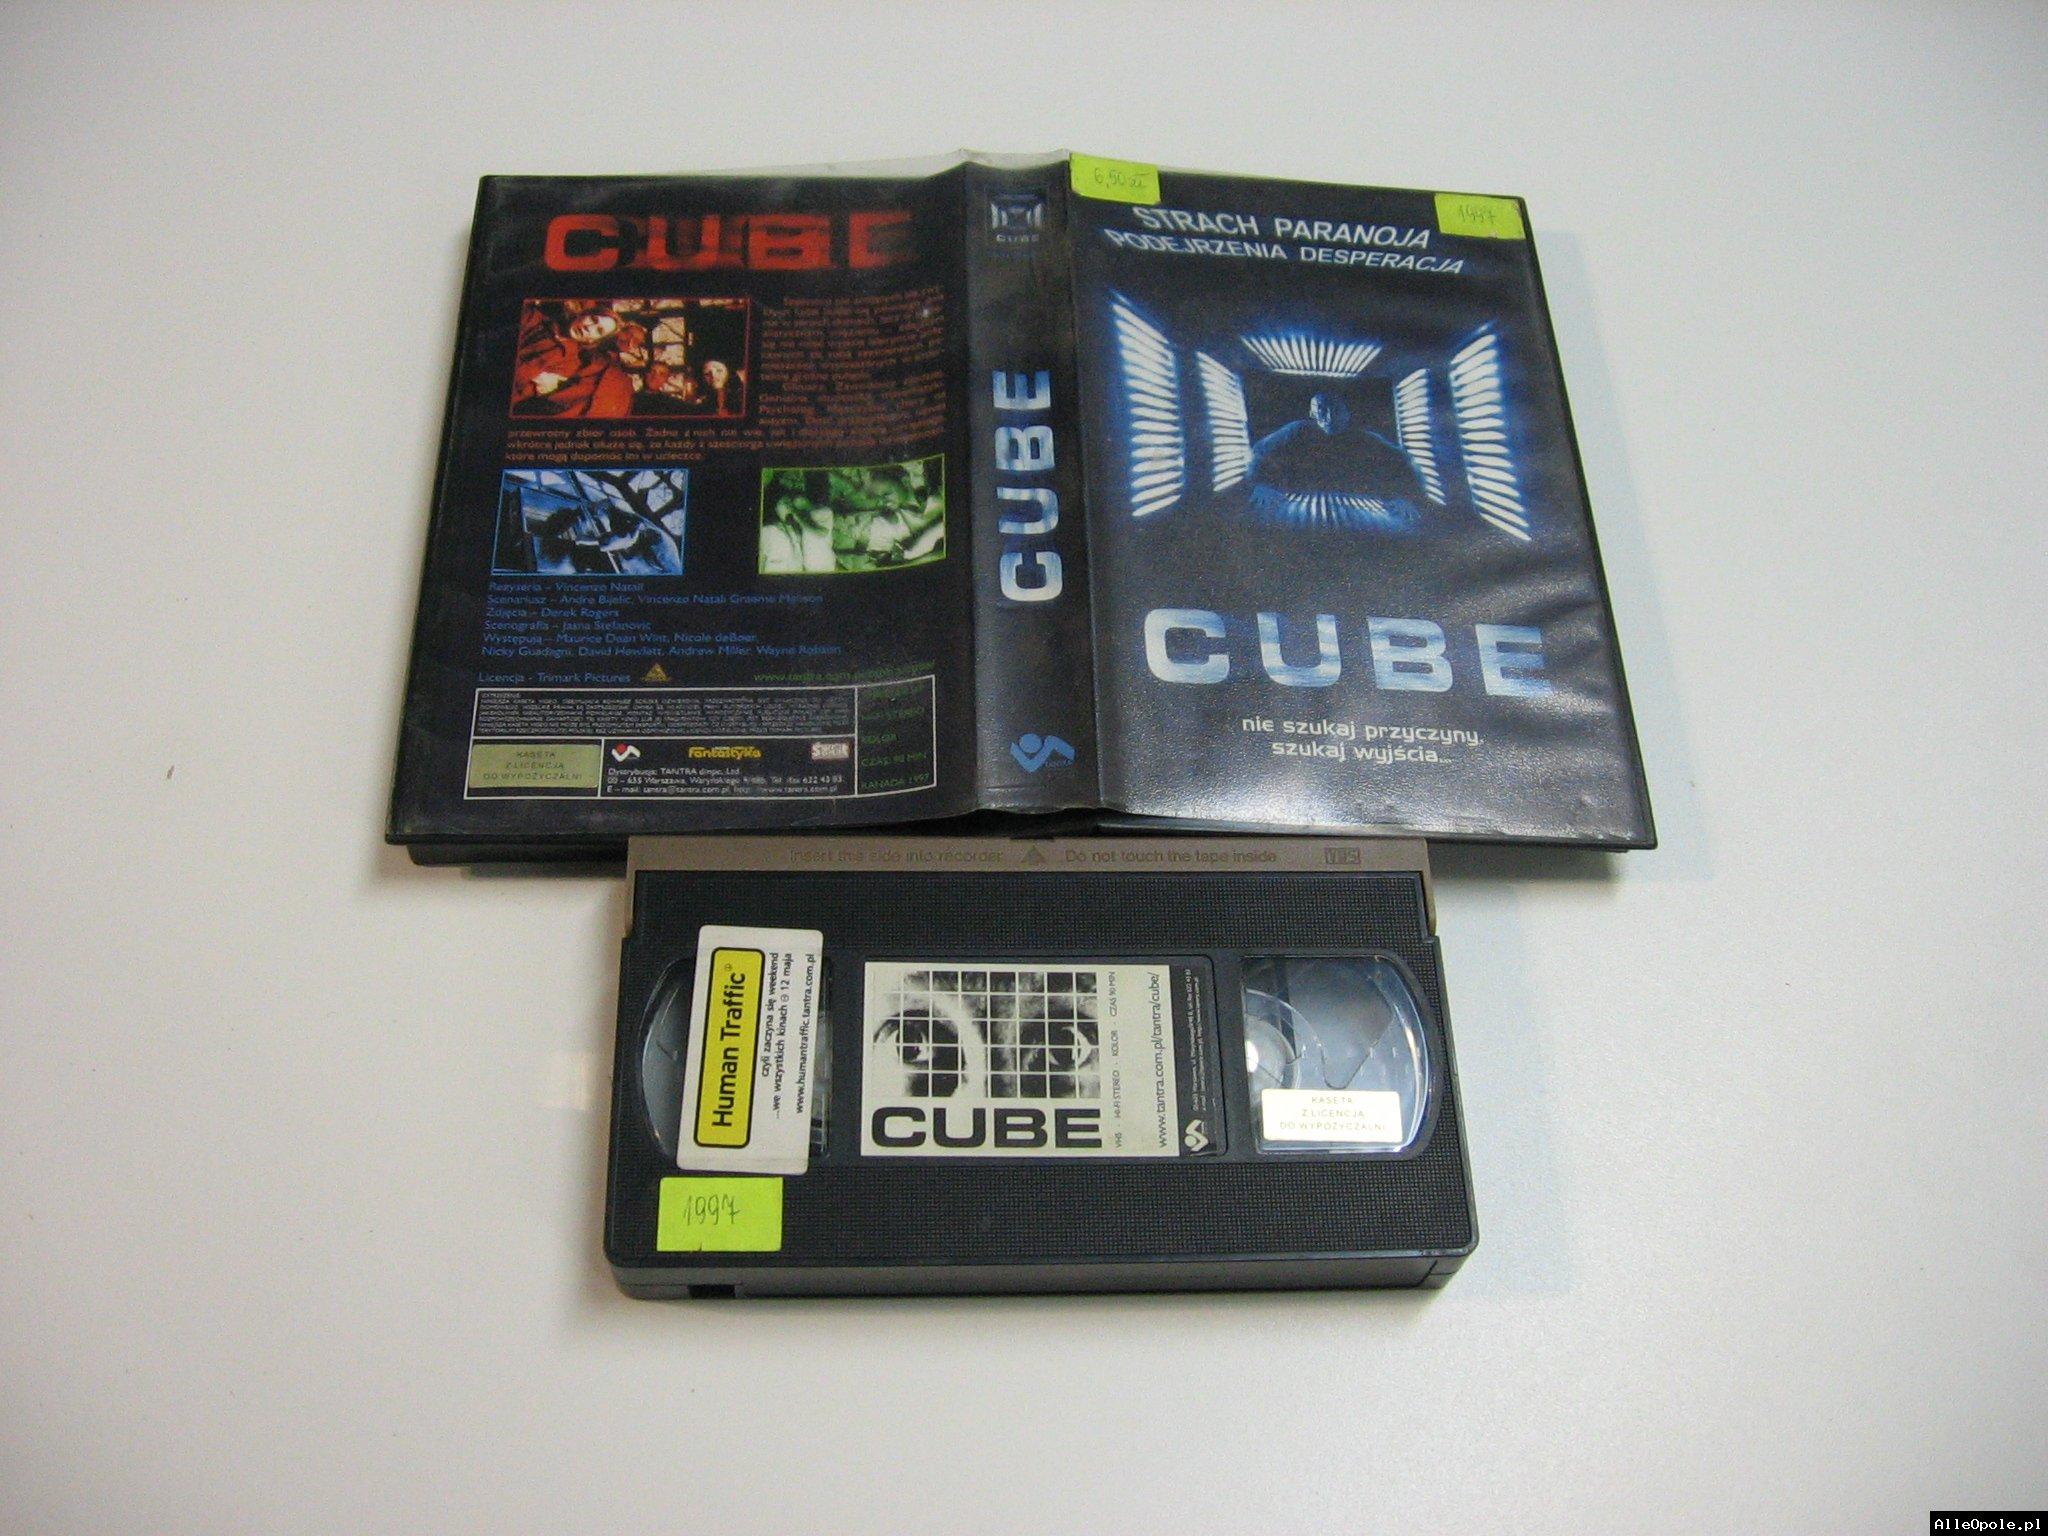 CUBE - VHS Kaseta Video - Opole 1824